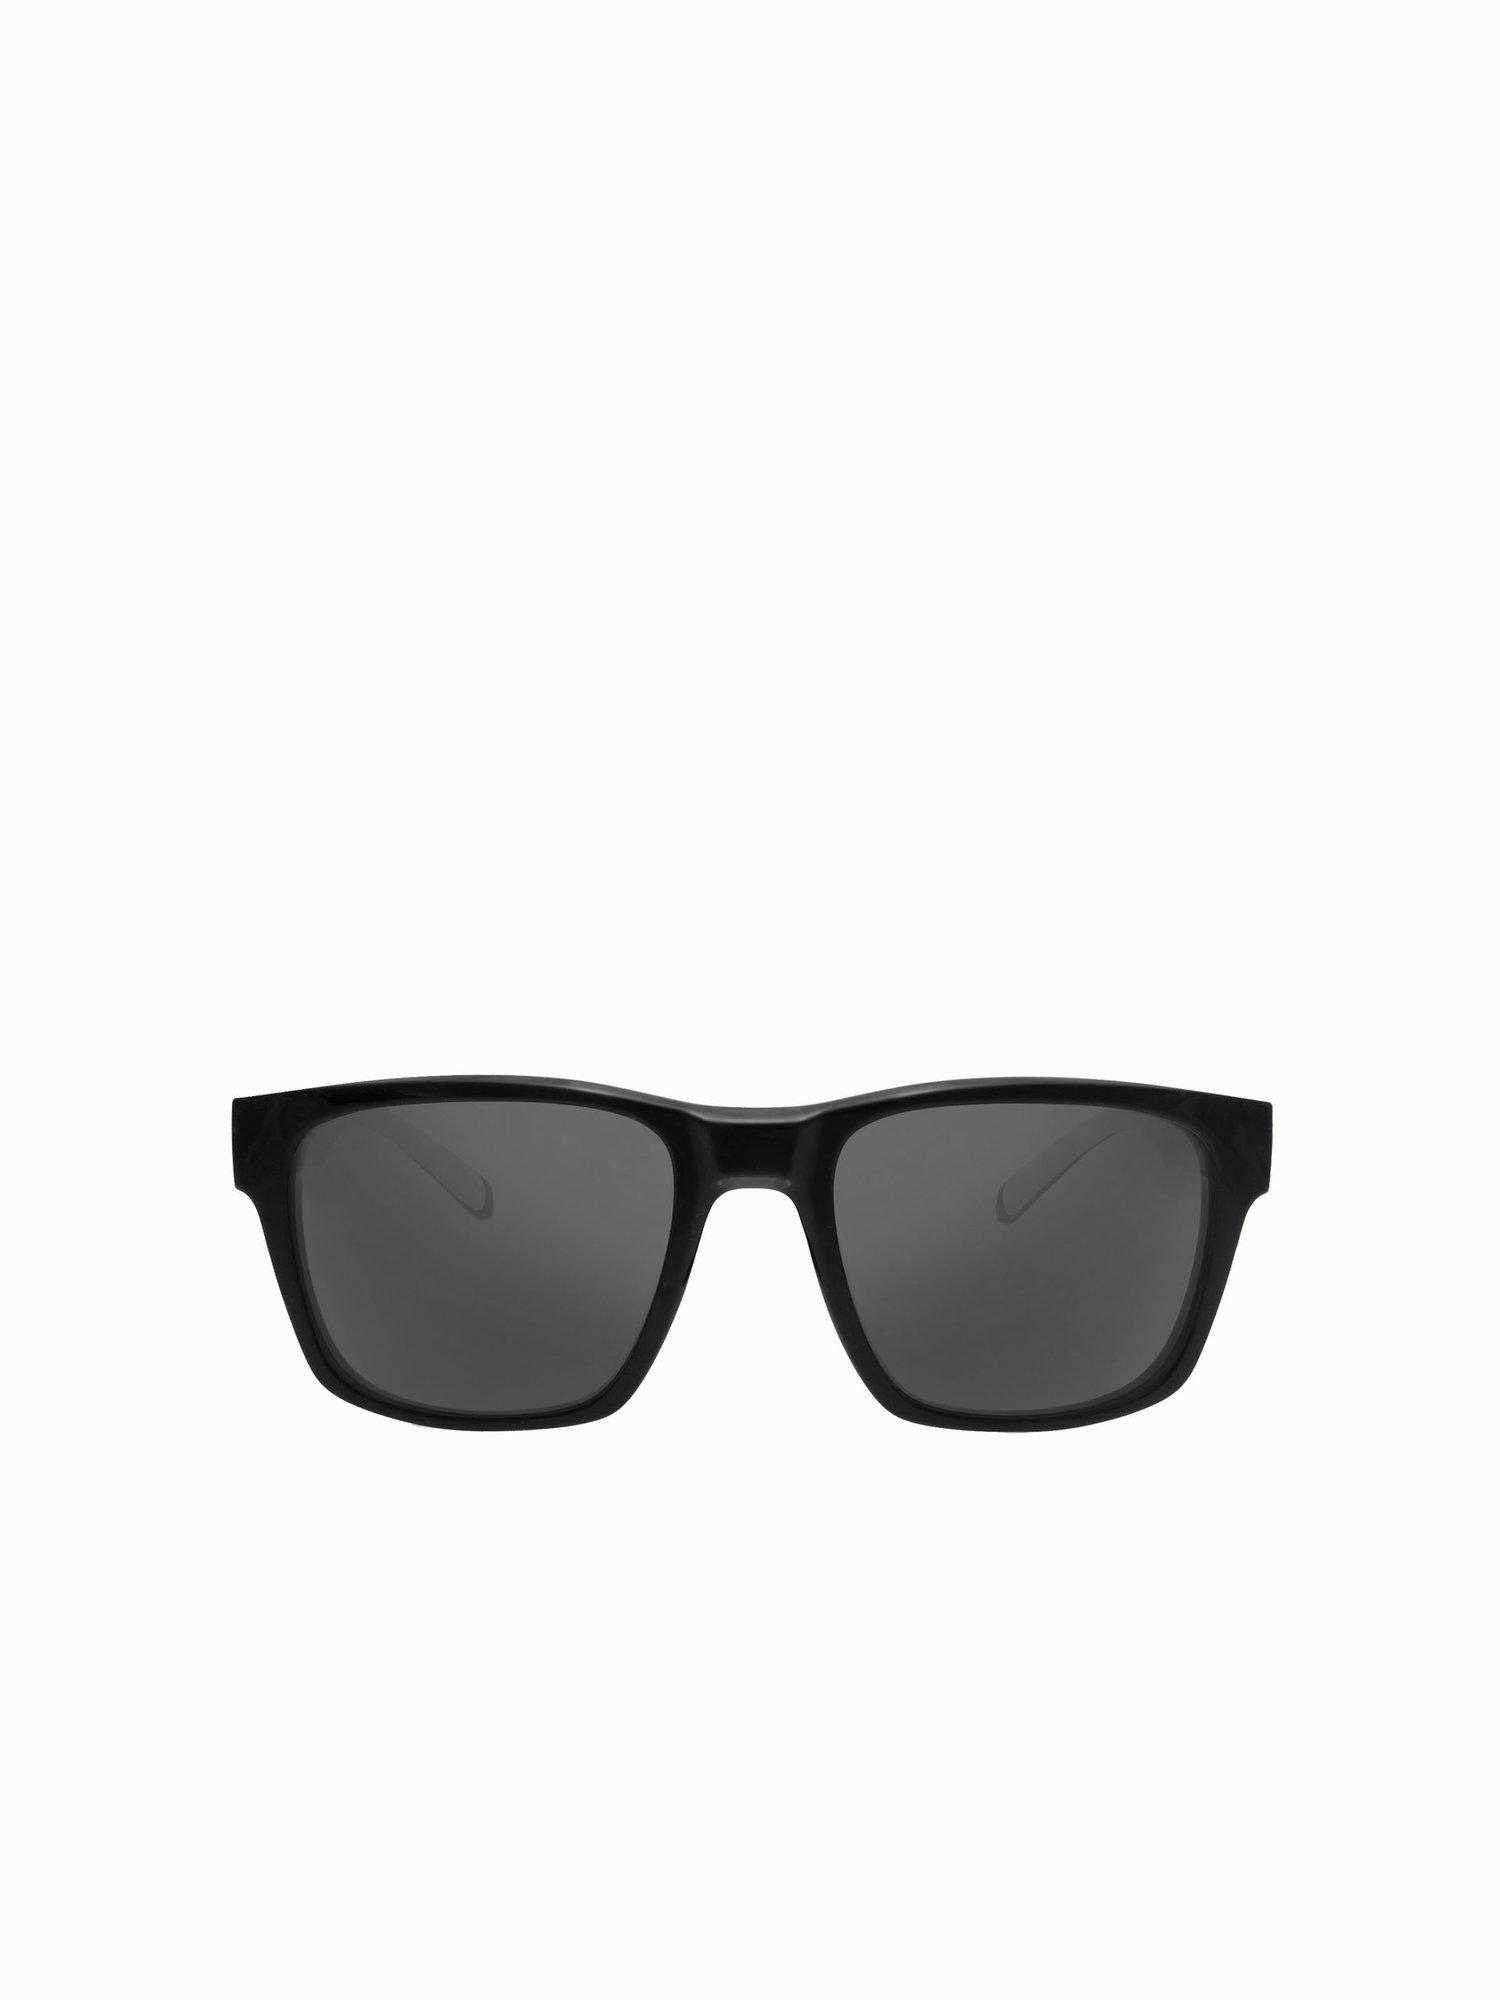 Occhiali Da Sole Sailing - Nero / Grigio Chiaro / Grigio Sfumato